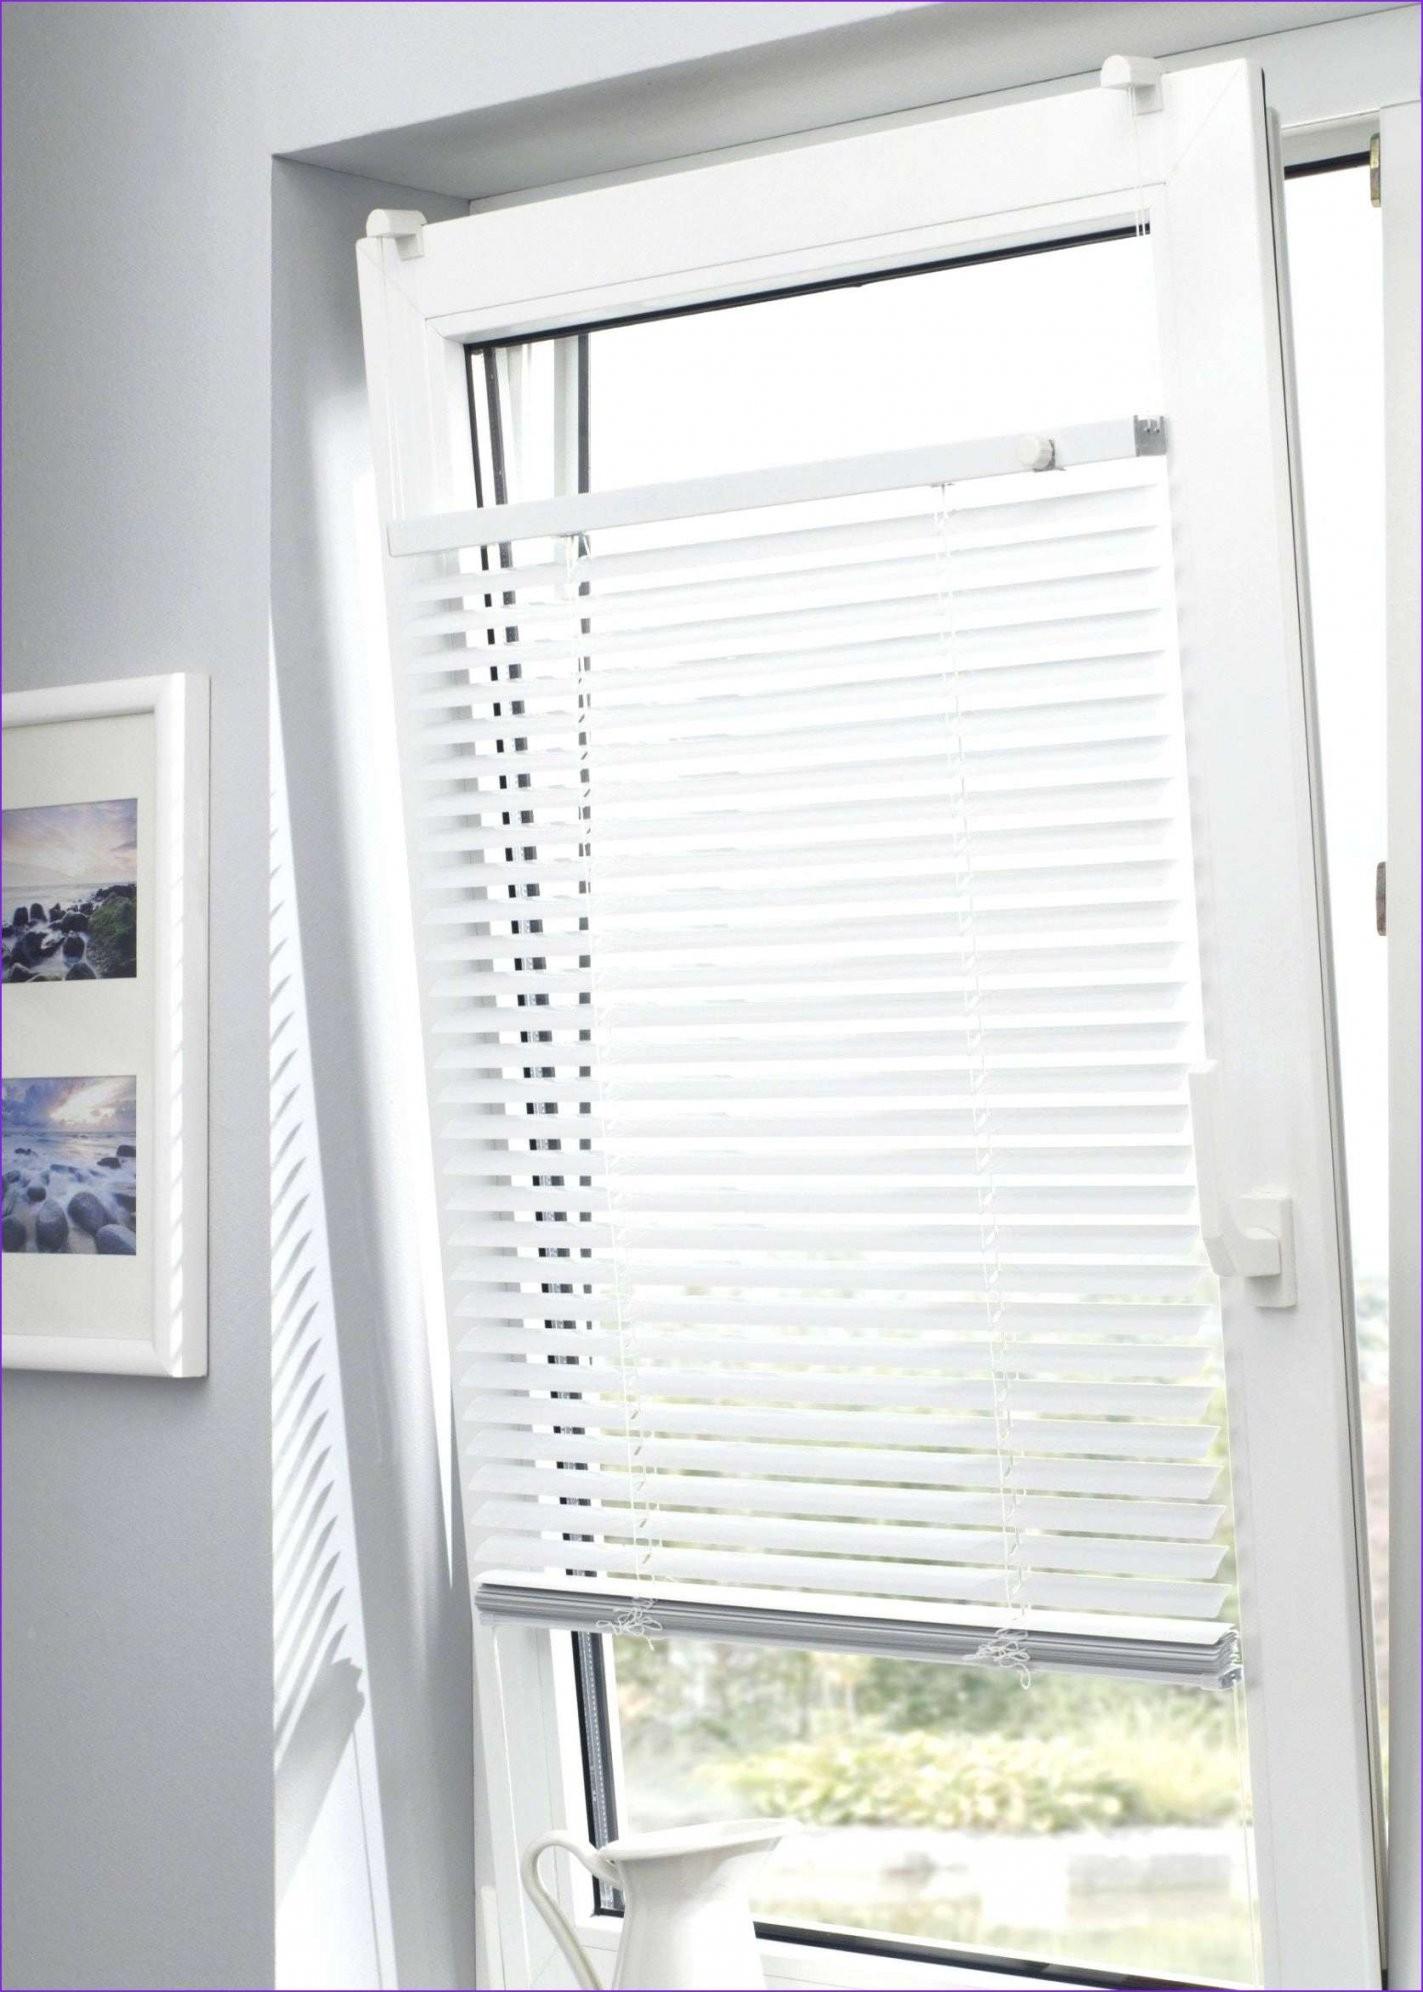 Fenster Rollos Für Innen Ohne Bohren  Fenster Mit Einbruchschutz von Fenster Jalousien Innen Ohne Bohren Bild